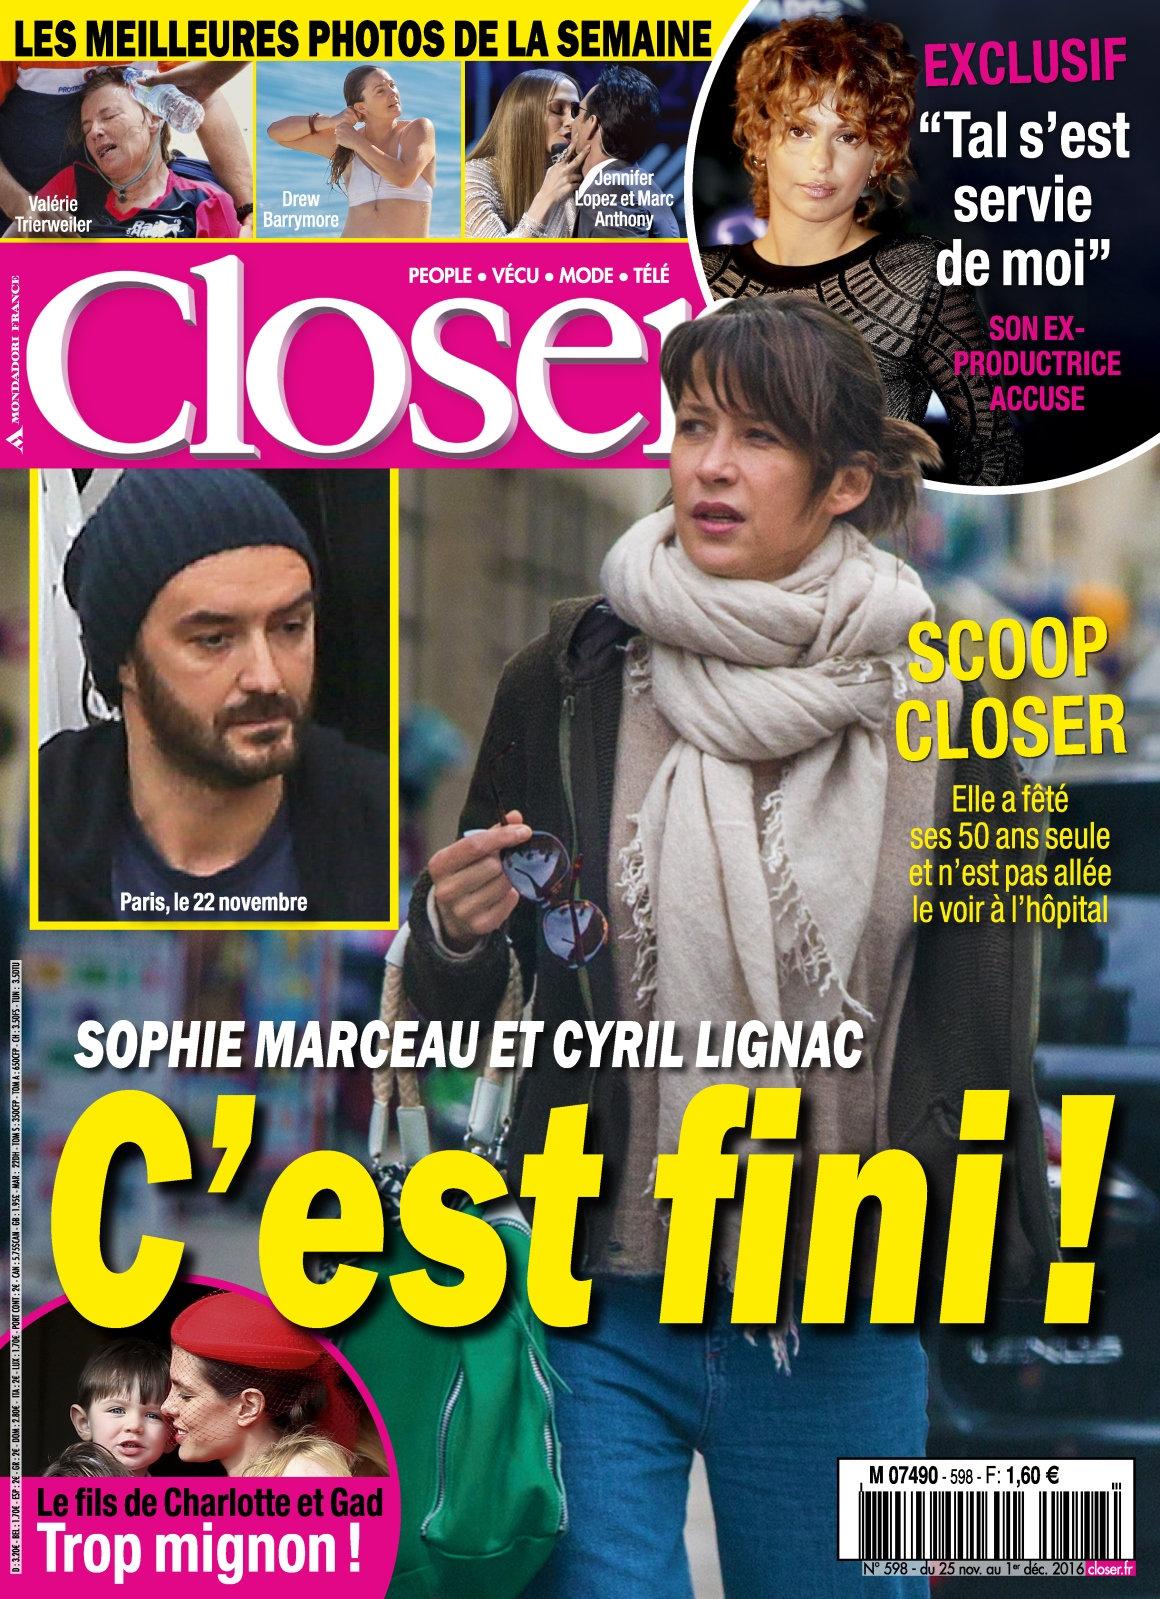 Closer 598 - 25 Novembre au 1 Décembre 2016